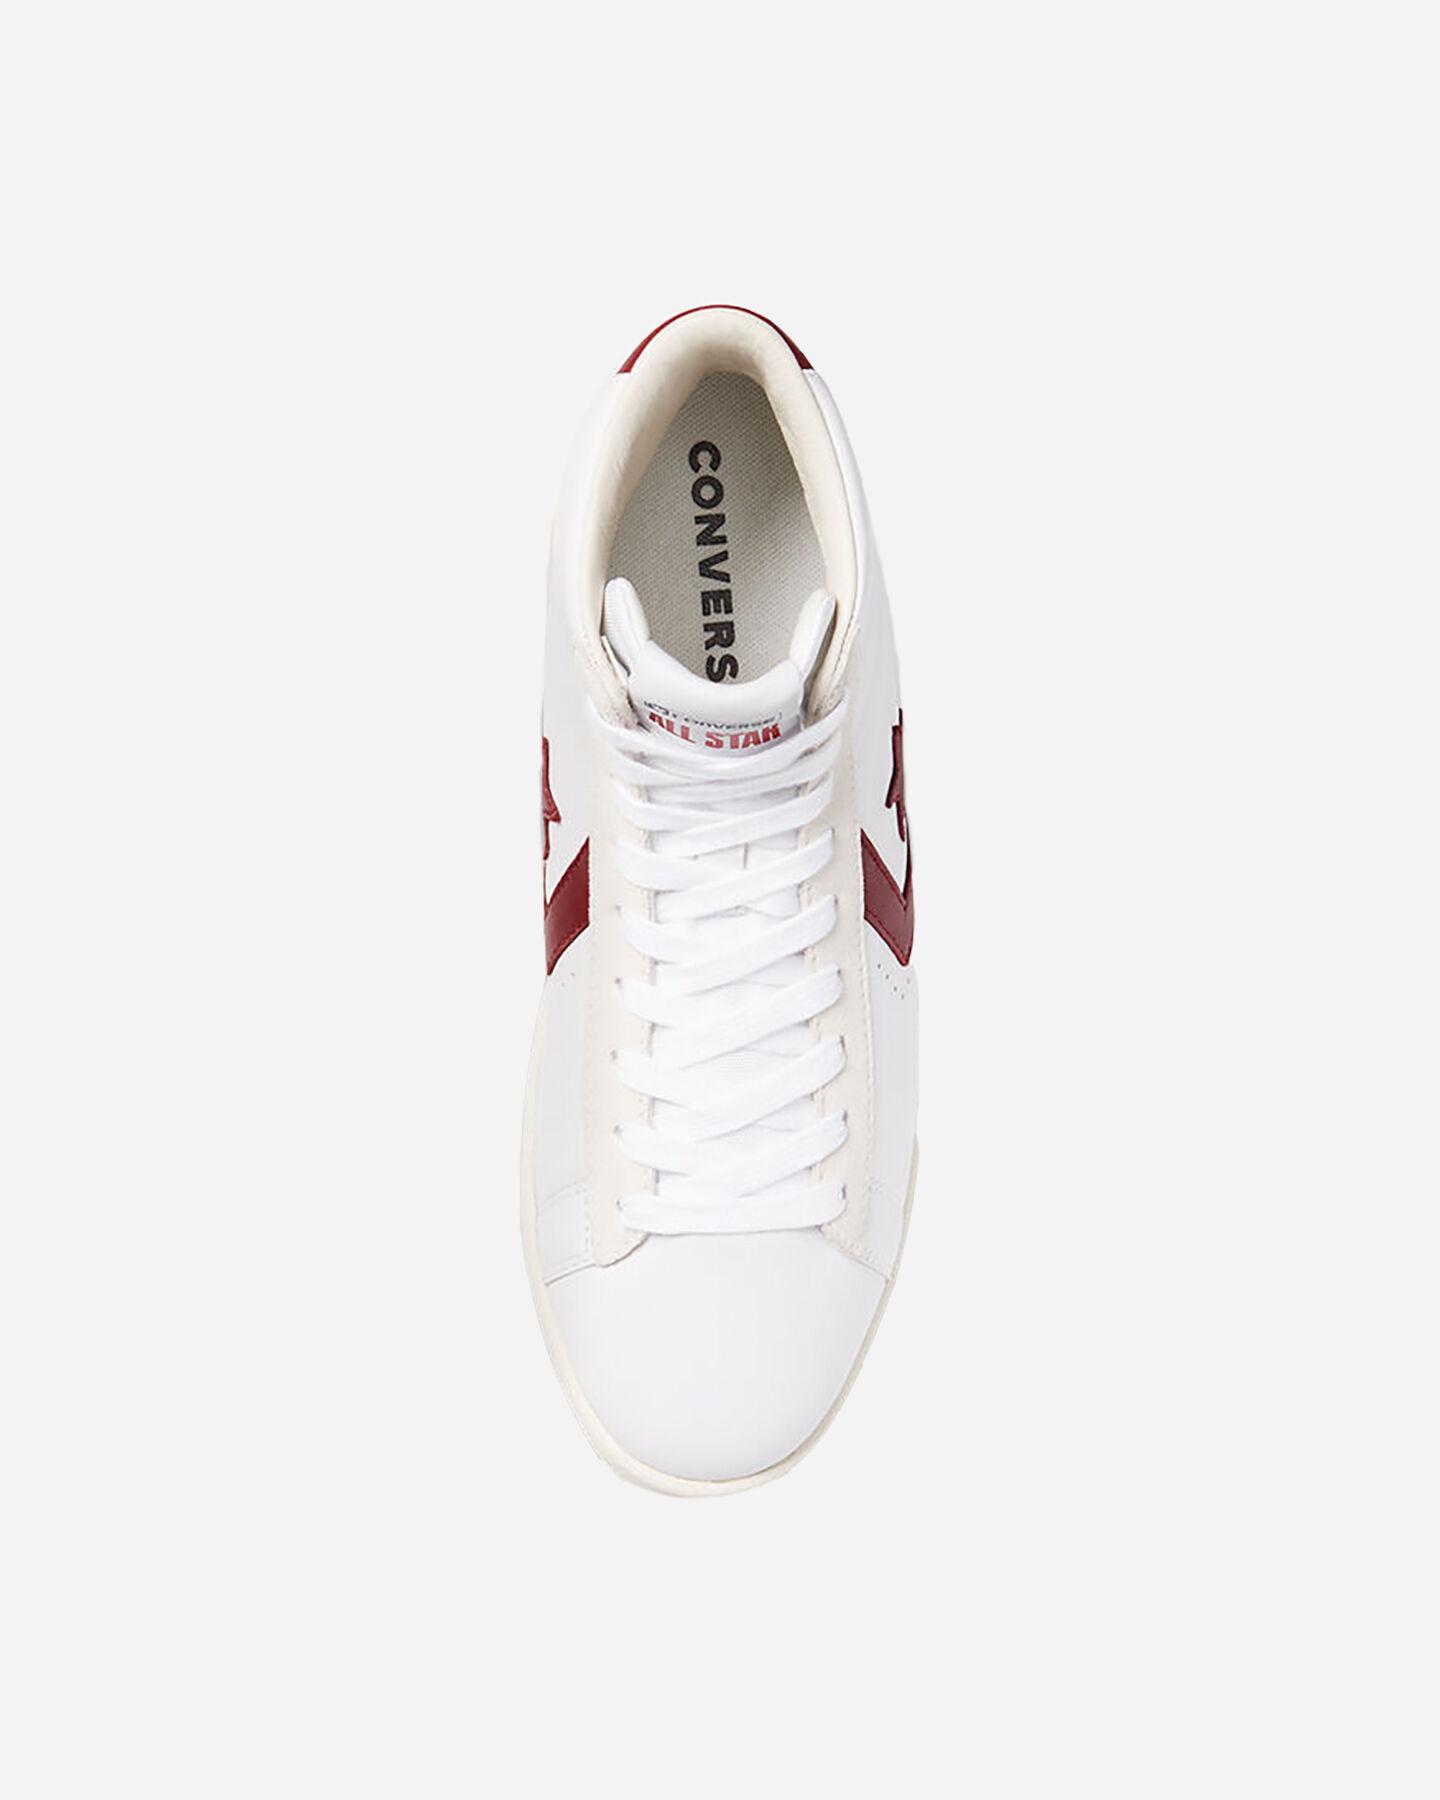 Scarpe sneakers CONVERSE PRO LEATHER M S5282508 scatto 2